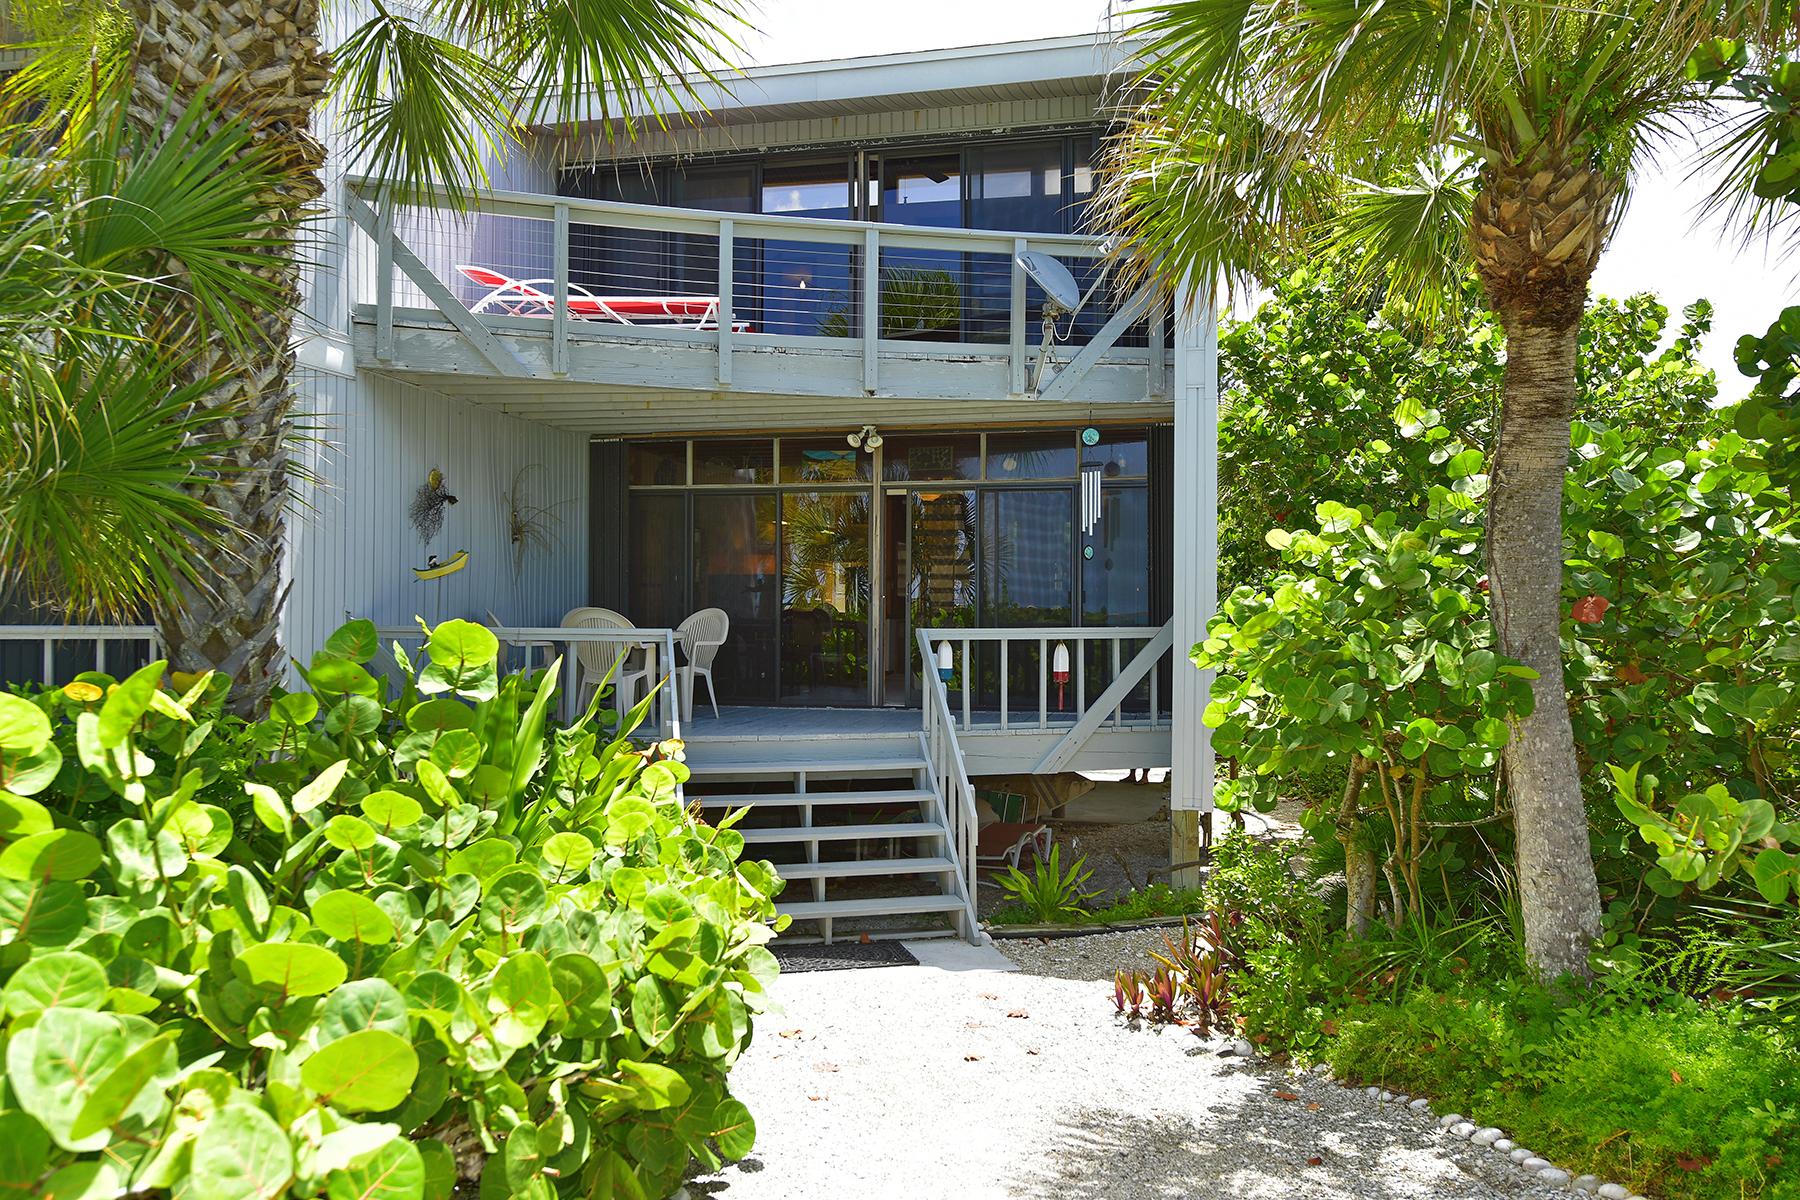 Casa Unifamiliar Adosada por un Venta en MANASOTA KEY 5030 N Beach Rd 4 Englewood, Florida 34223 Estados Unidos